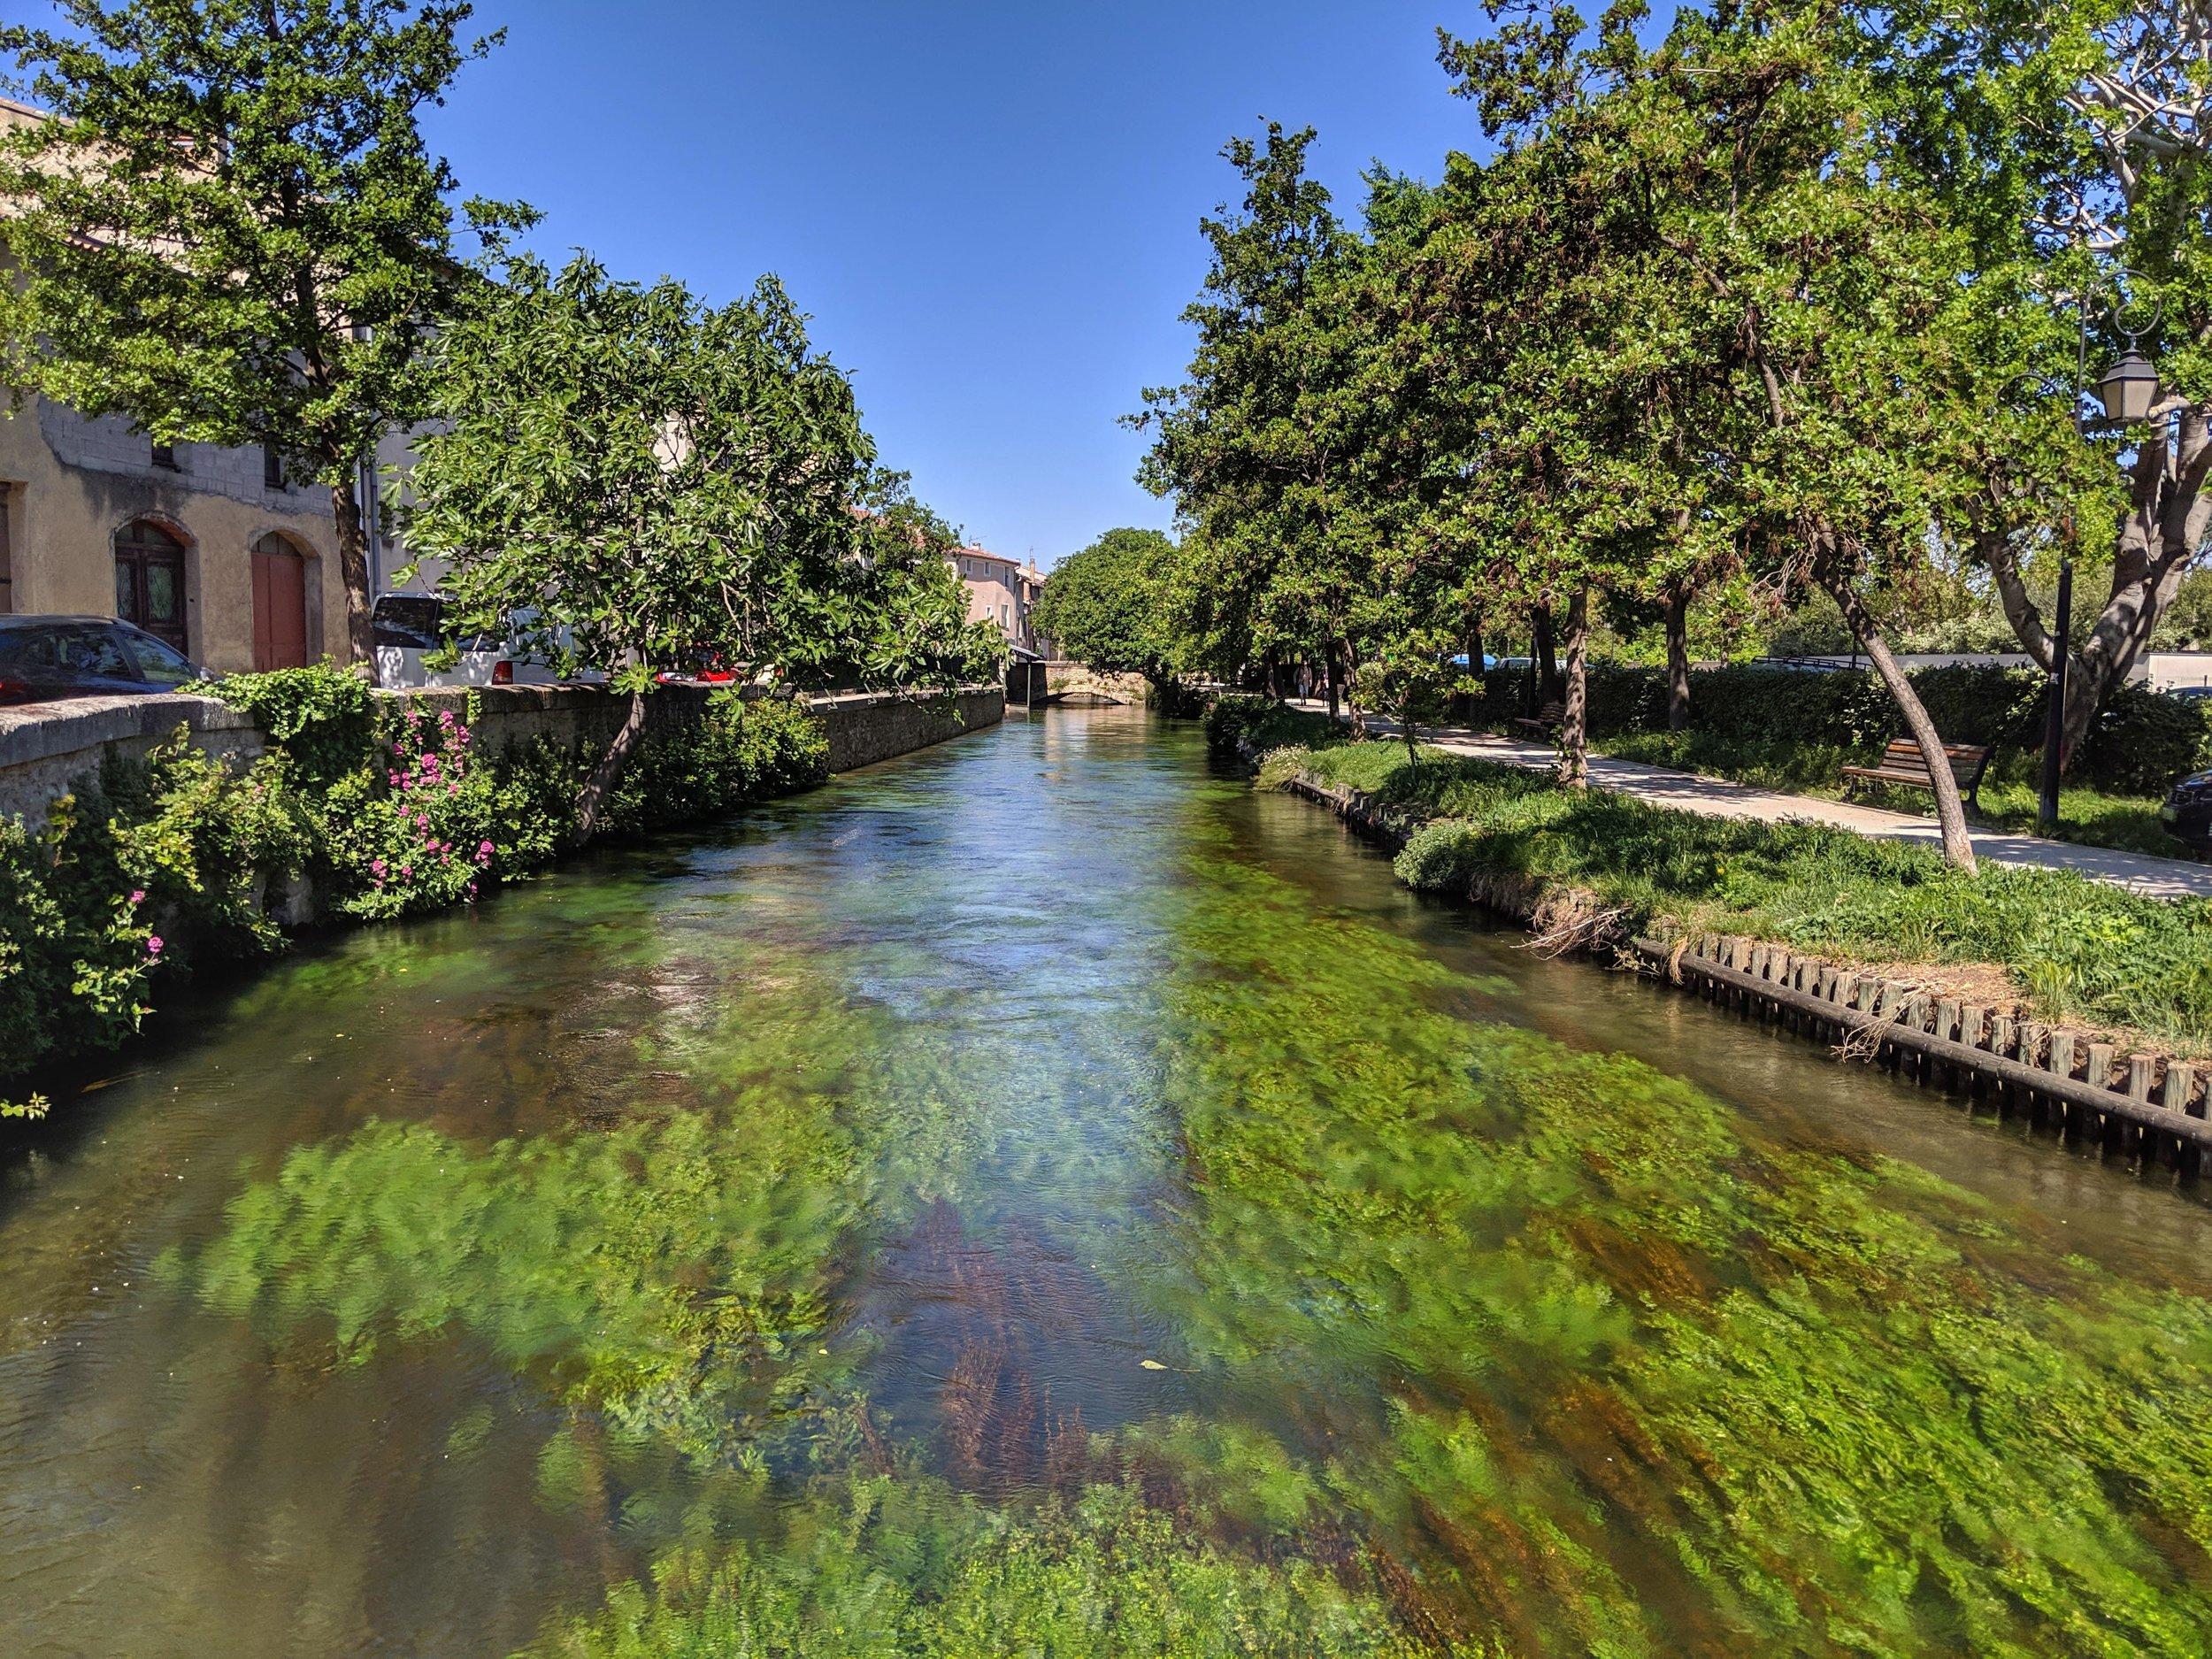 L'Isle-sur-la-Sorgue surrounded by lush green river!